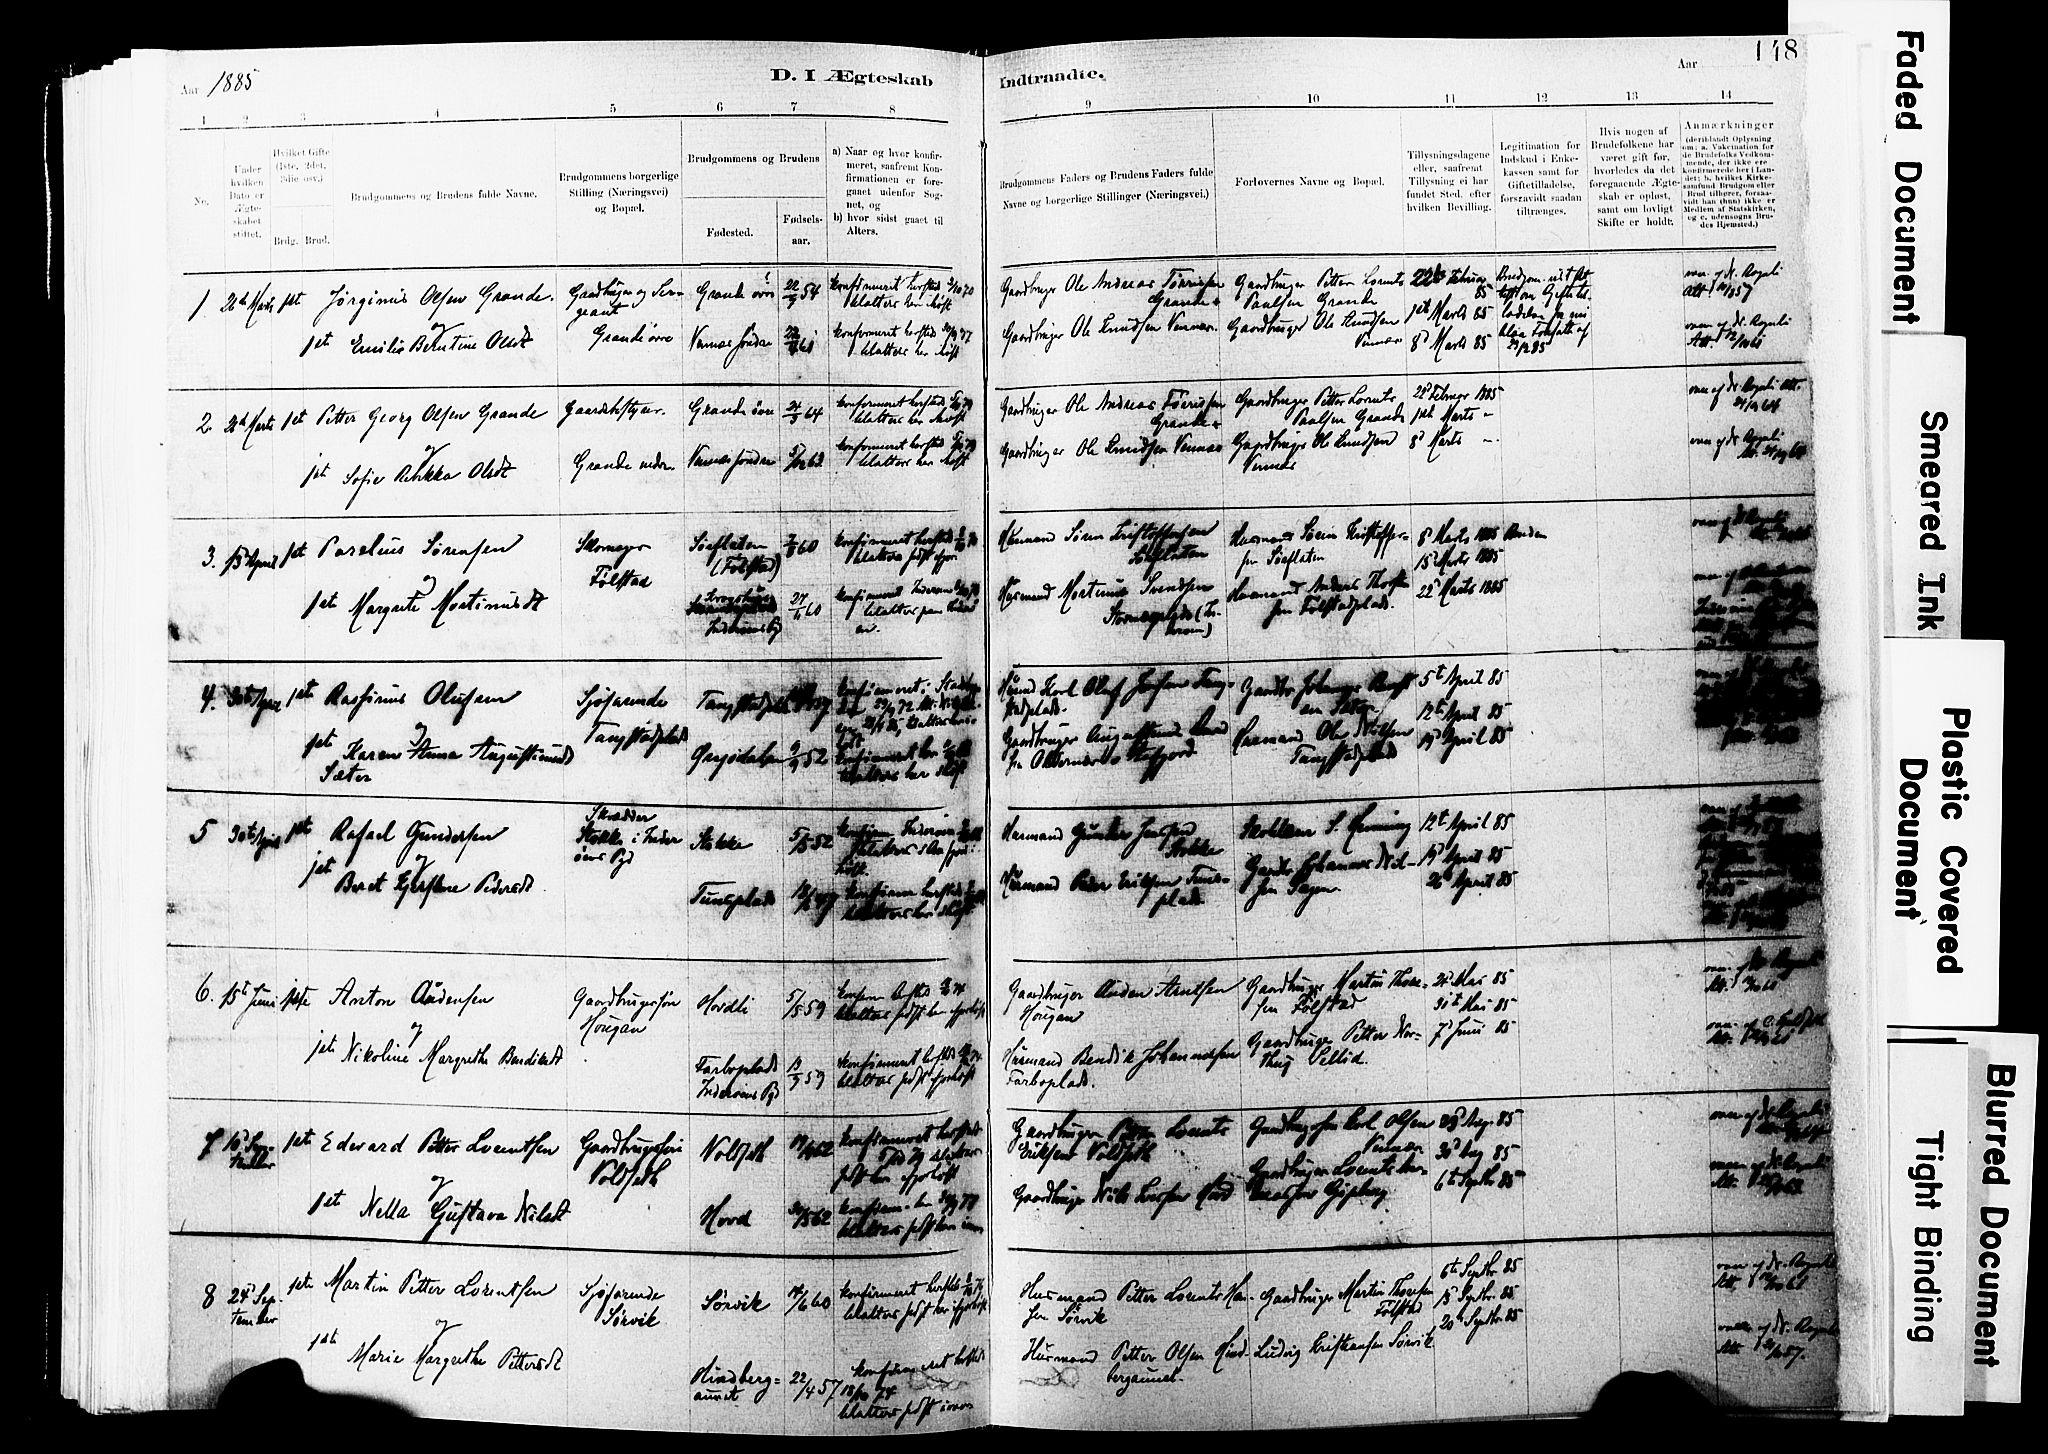 SAT, Ministerialprotokoller, klokkerbøker og fødselsregistre - Nord-Trøndelag, 744/L0420: Ministerialbok nr. 744A04, 1882-1904, s. 148